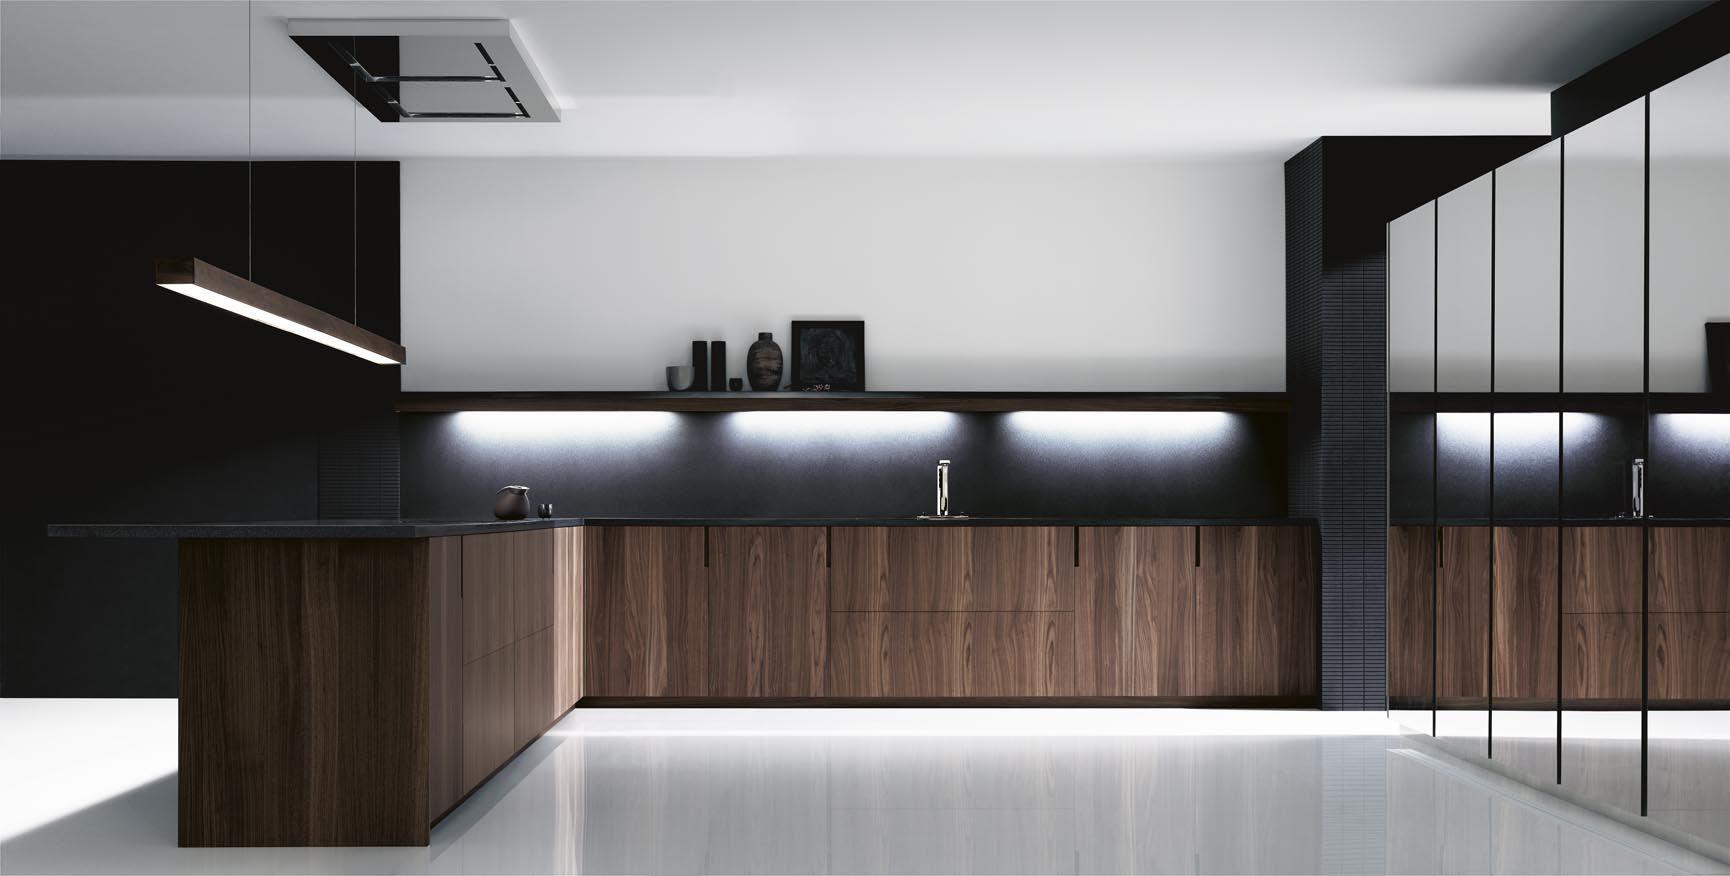 Fotografia Cocina Fotografia Muebles Decoracion Cocina  # Muebles Efecto Espejo